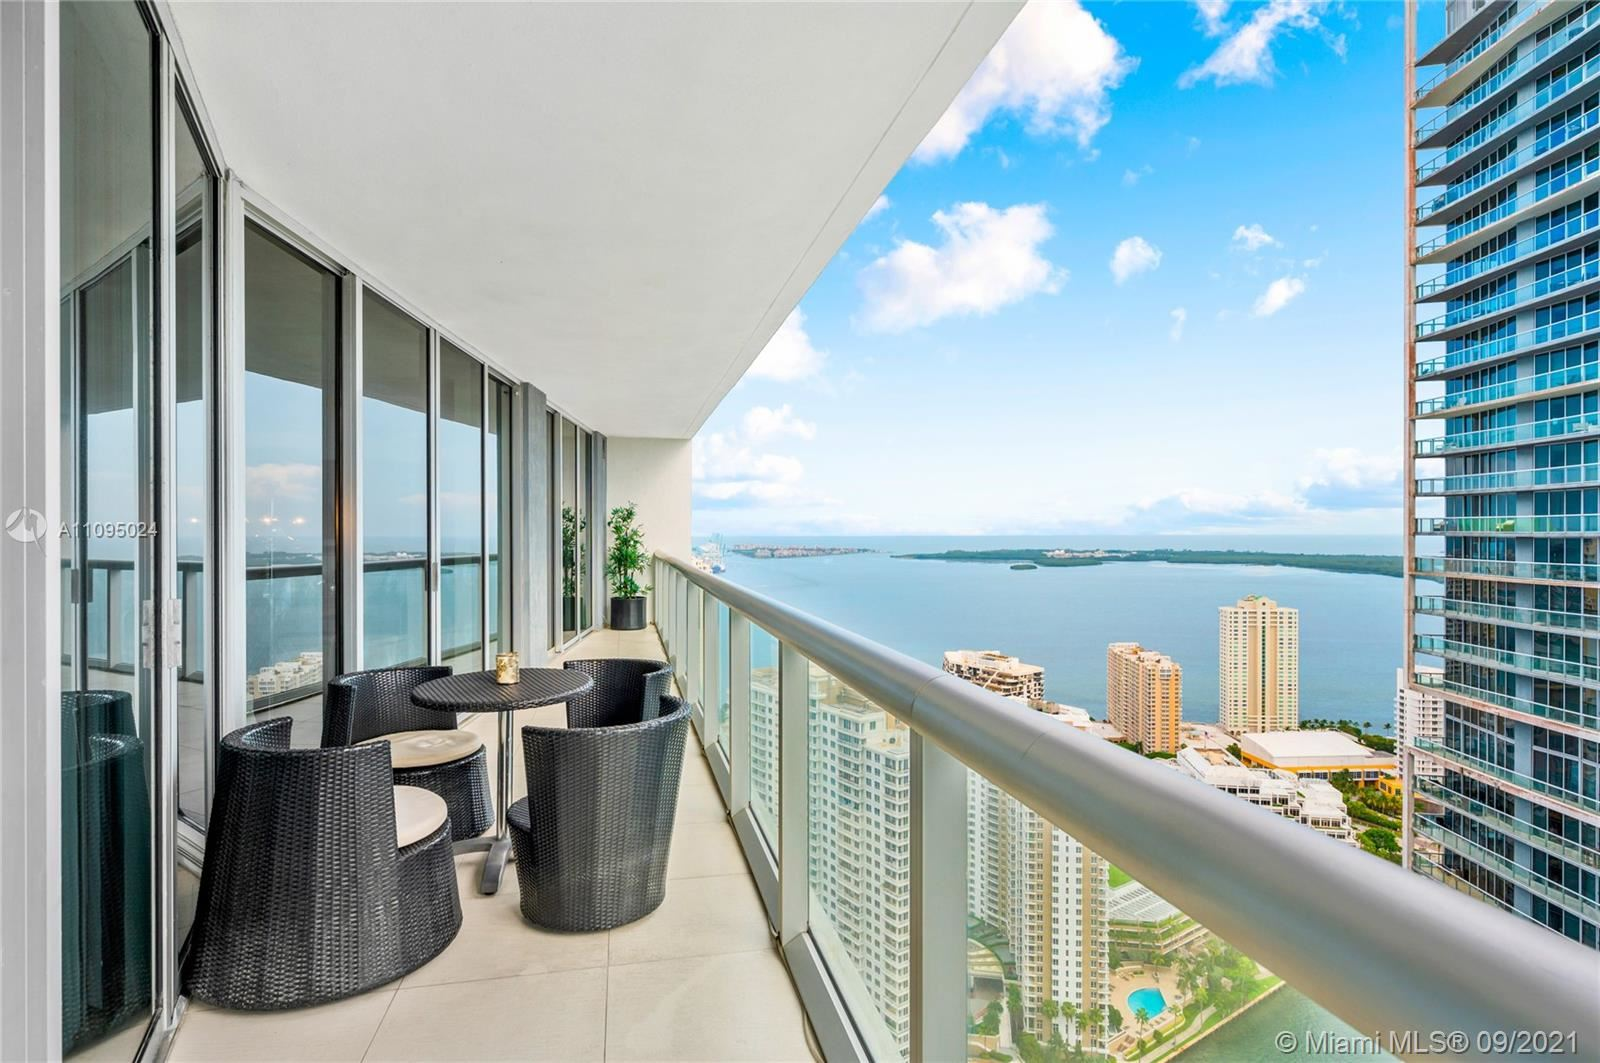 475 BRICKELL AVE #4509, Miami, FL 33131 - #: A11095024